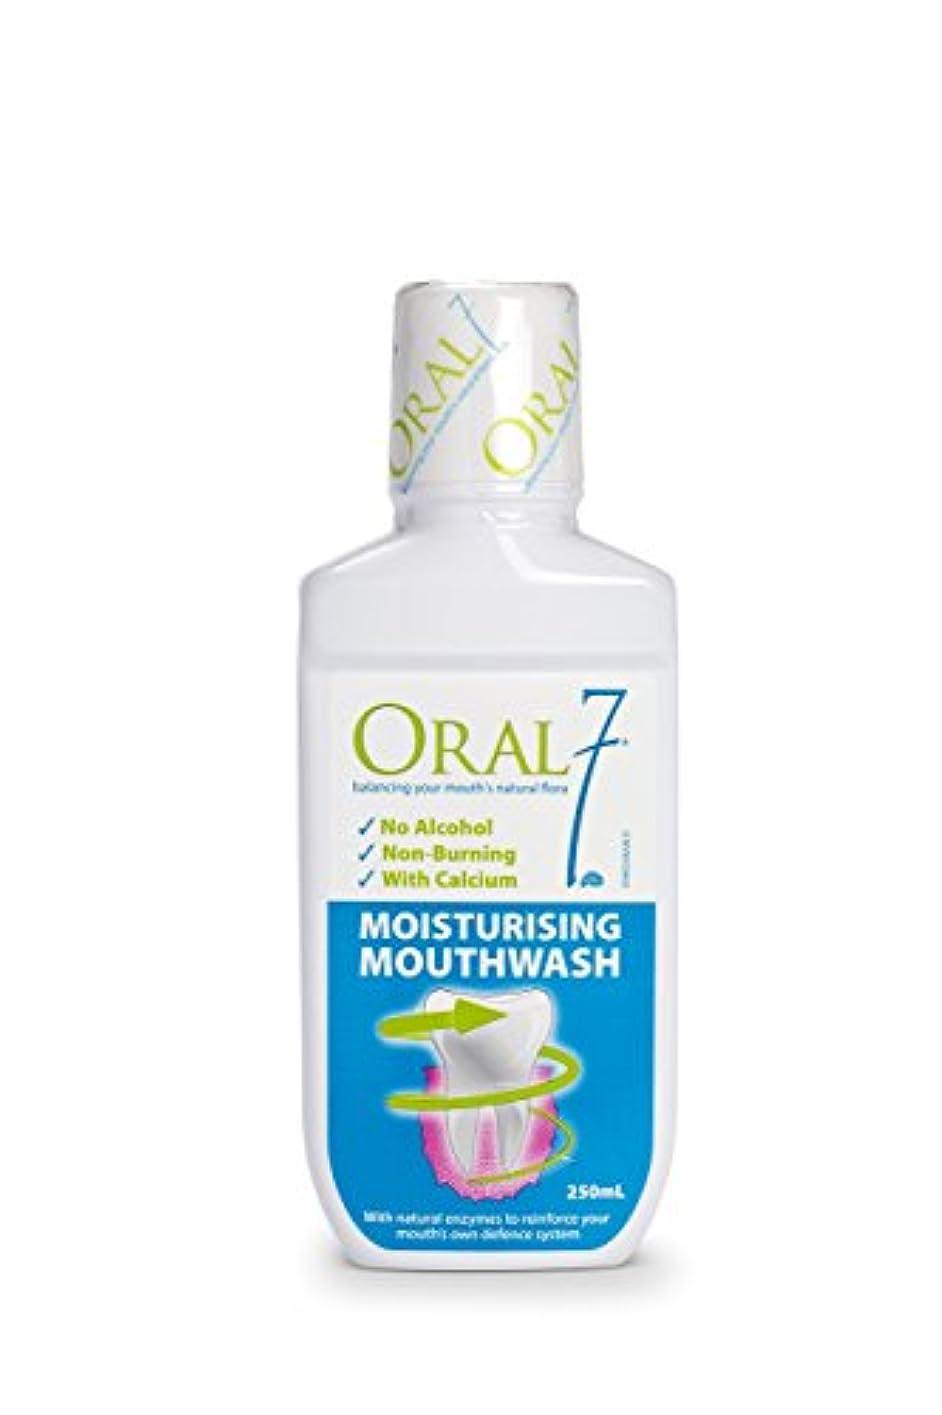 画像凶暴なオーラル7 モイスチャライジング マウスウォッシュ 250ml 4種の天然酵素配合!お口の乾燥対策に 口腔内保湿 口臭予防 ノンアルコール 口腔ケア